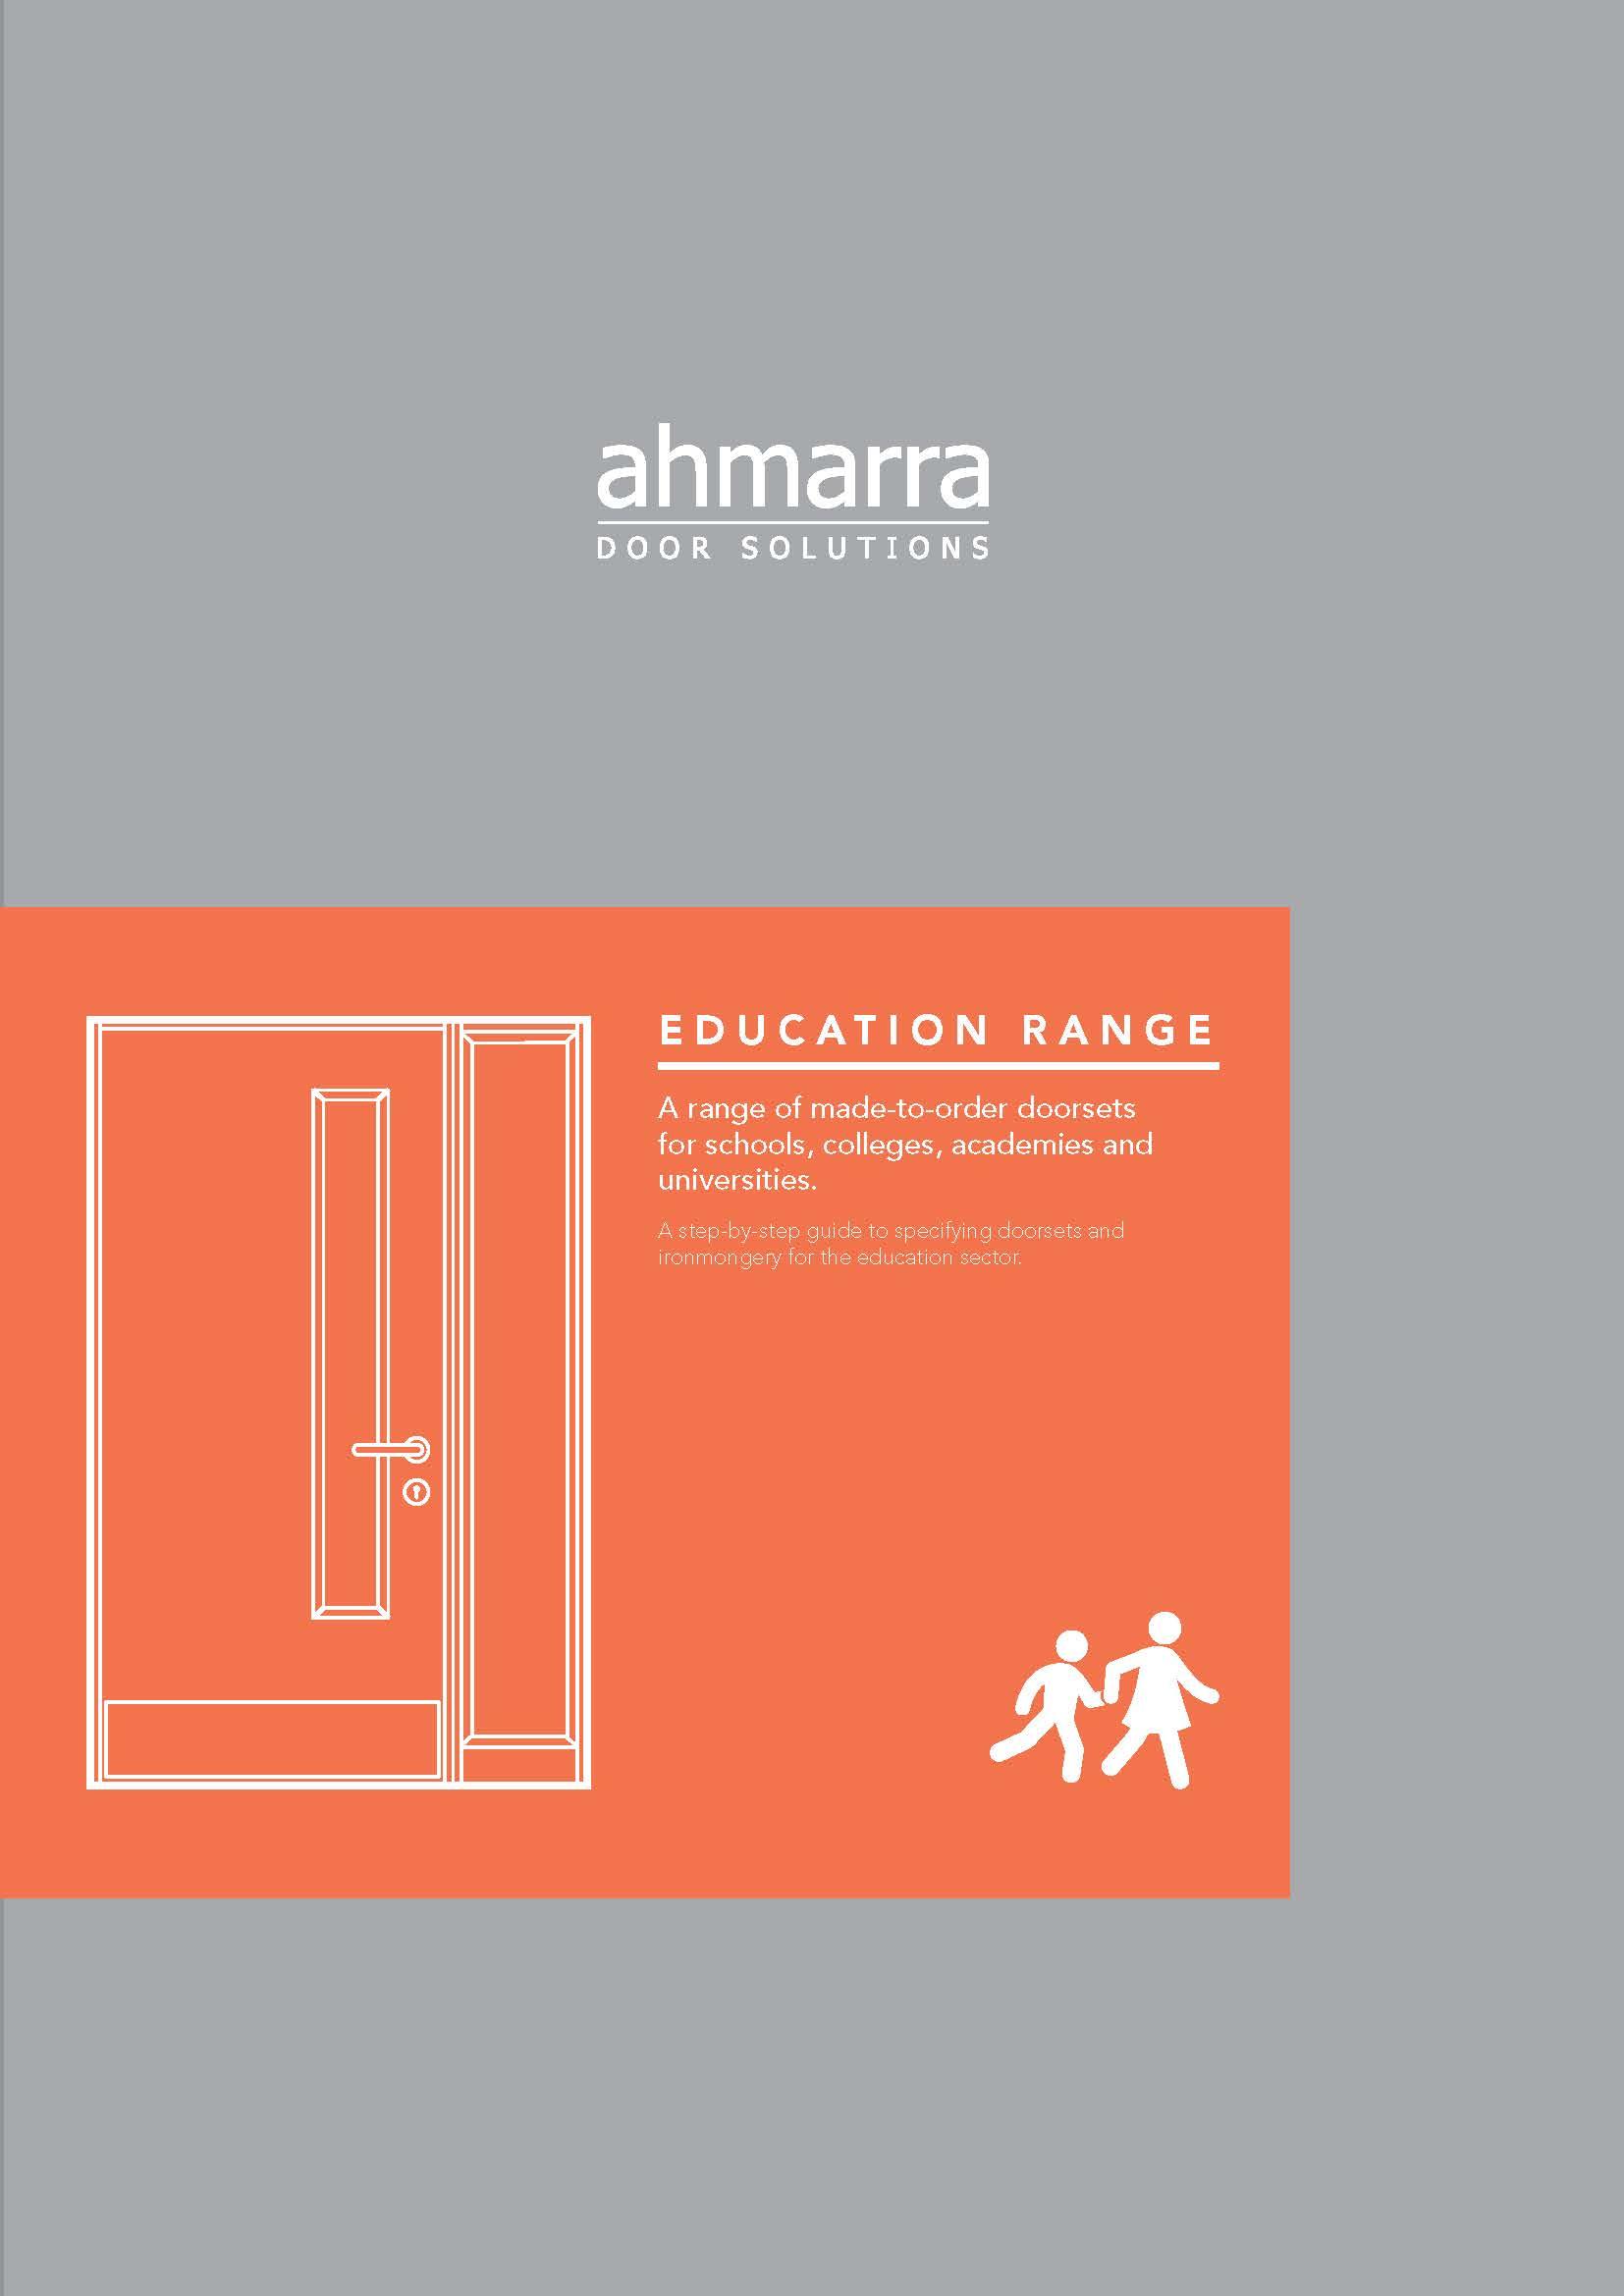 Education Range Brochure   Ahmarra Door Solutions